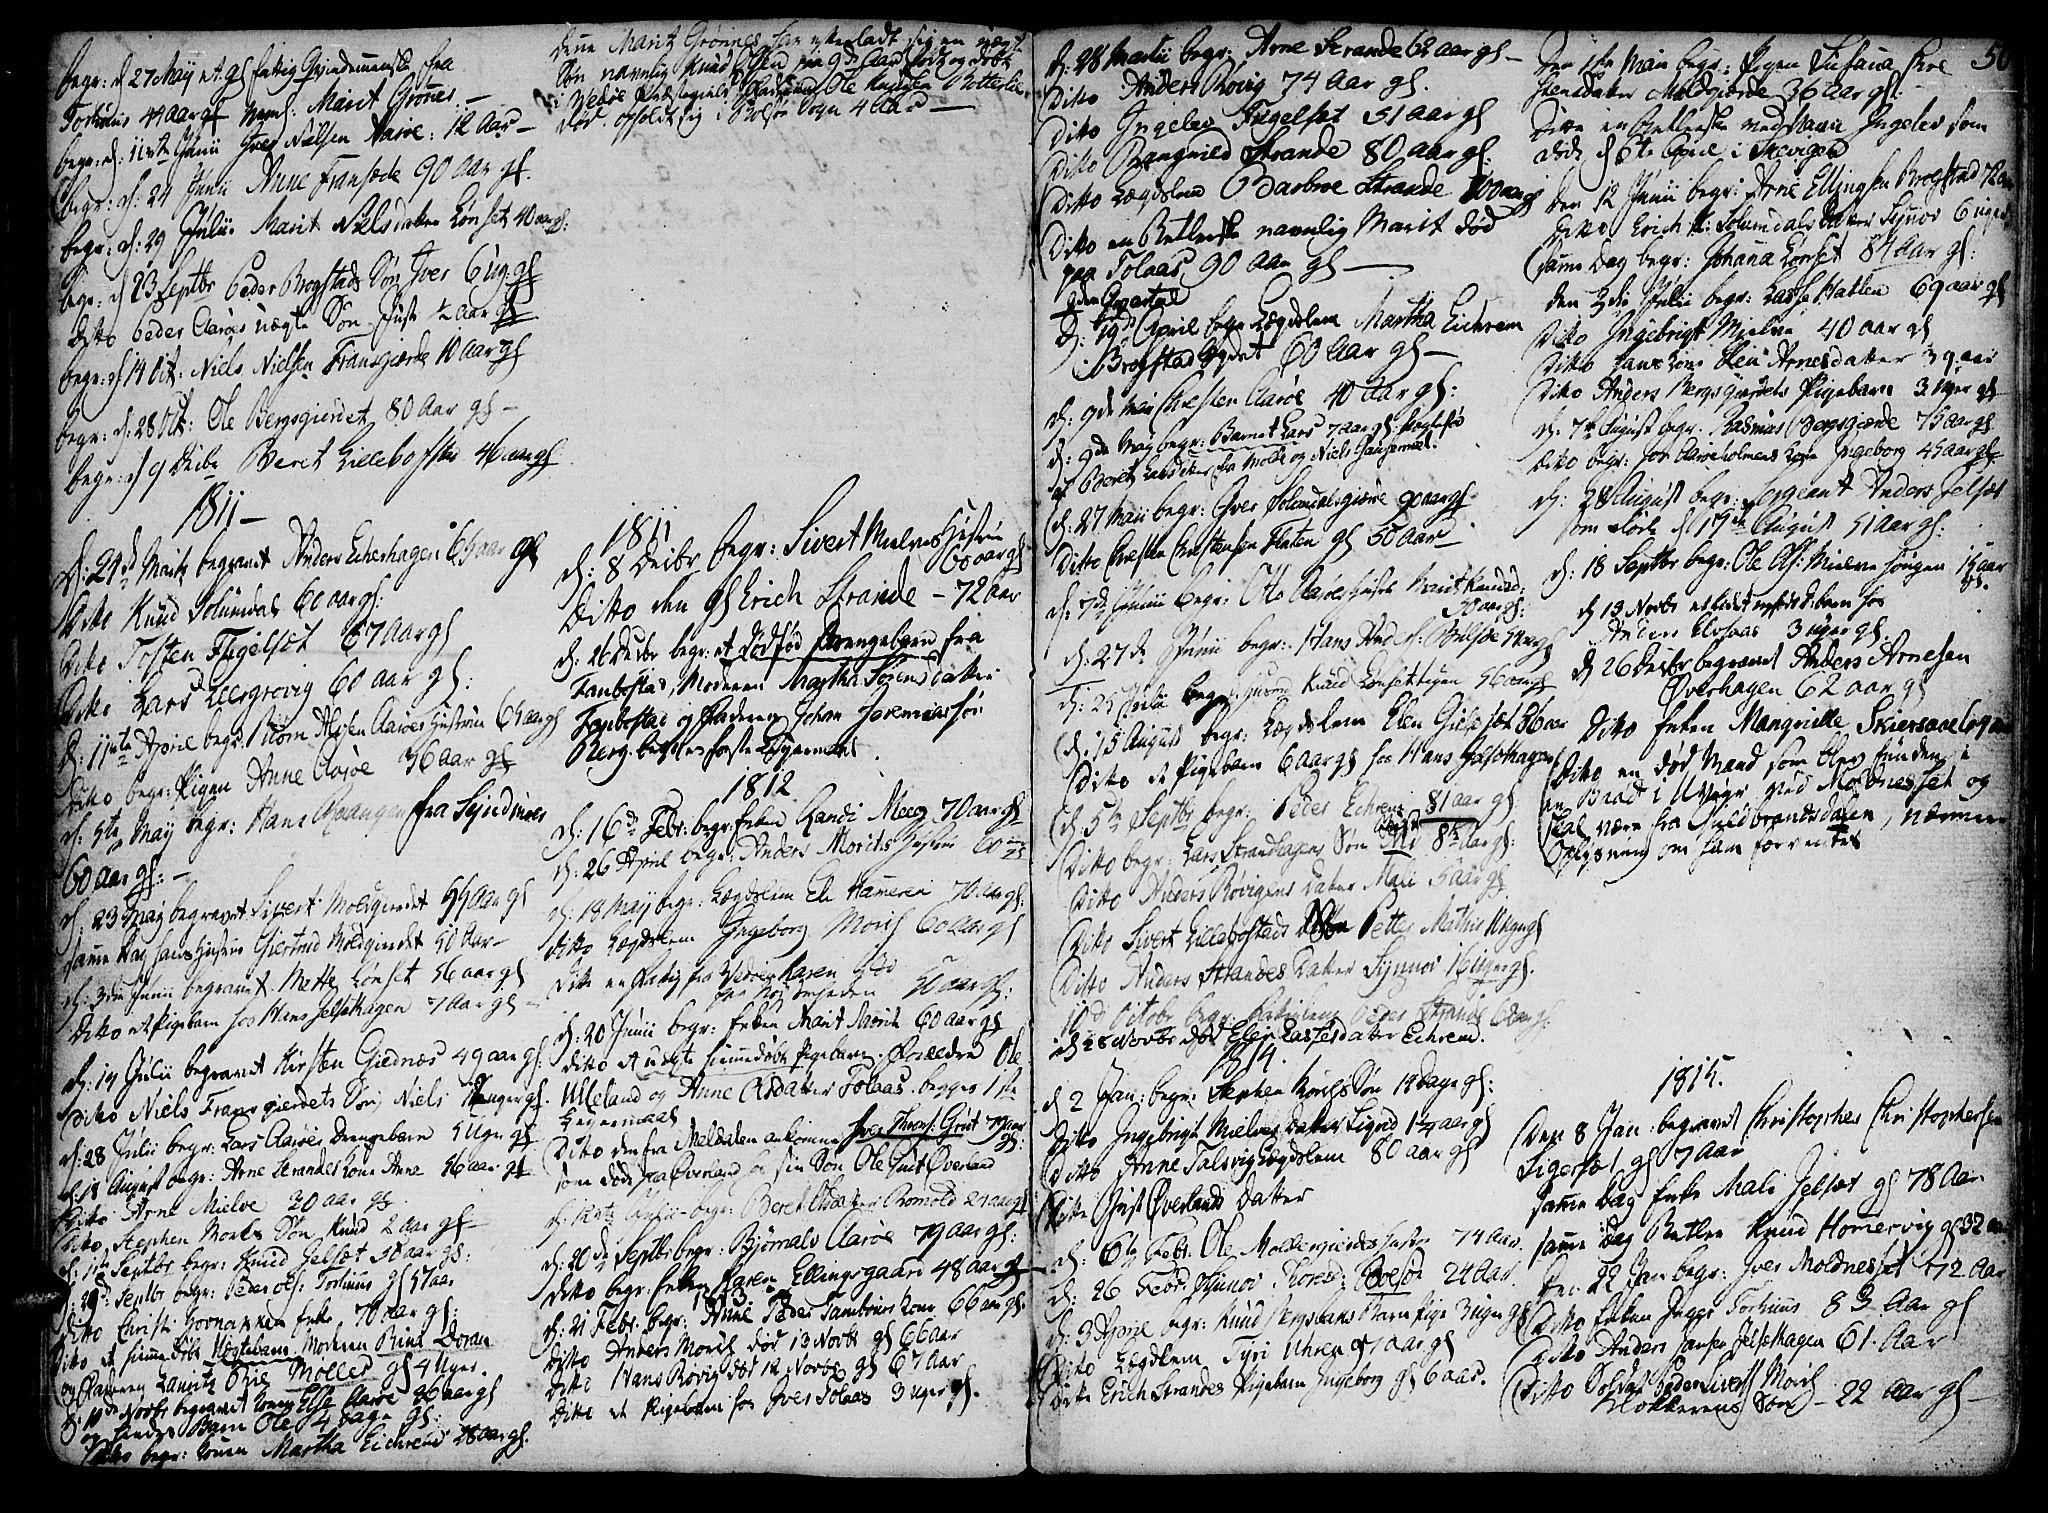 SAT, Ministerialprotokoller, klokkerbøker og fødselsregistre - Møre og Romsdal, 555/L0649: Ministerialbok nr. 555A02 /1, 1795-1821, s. 50